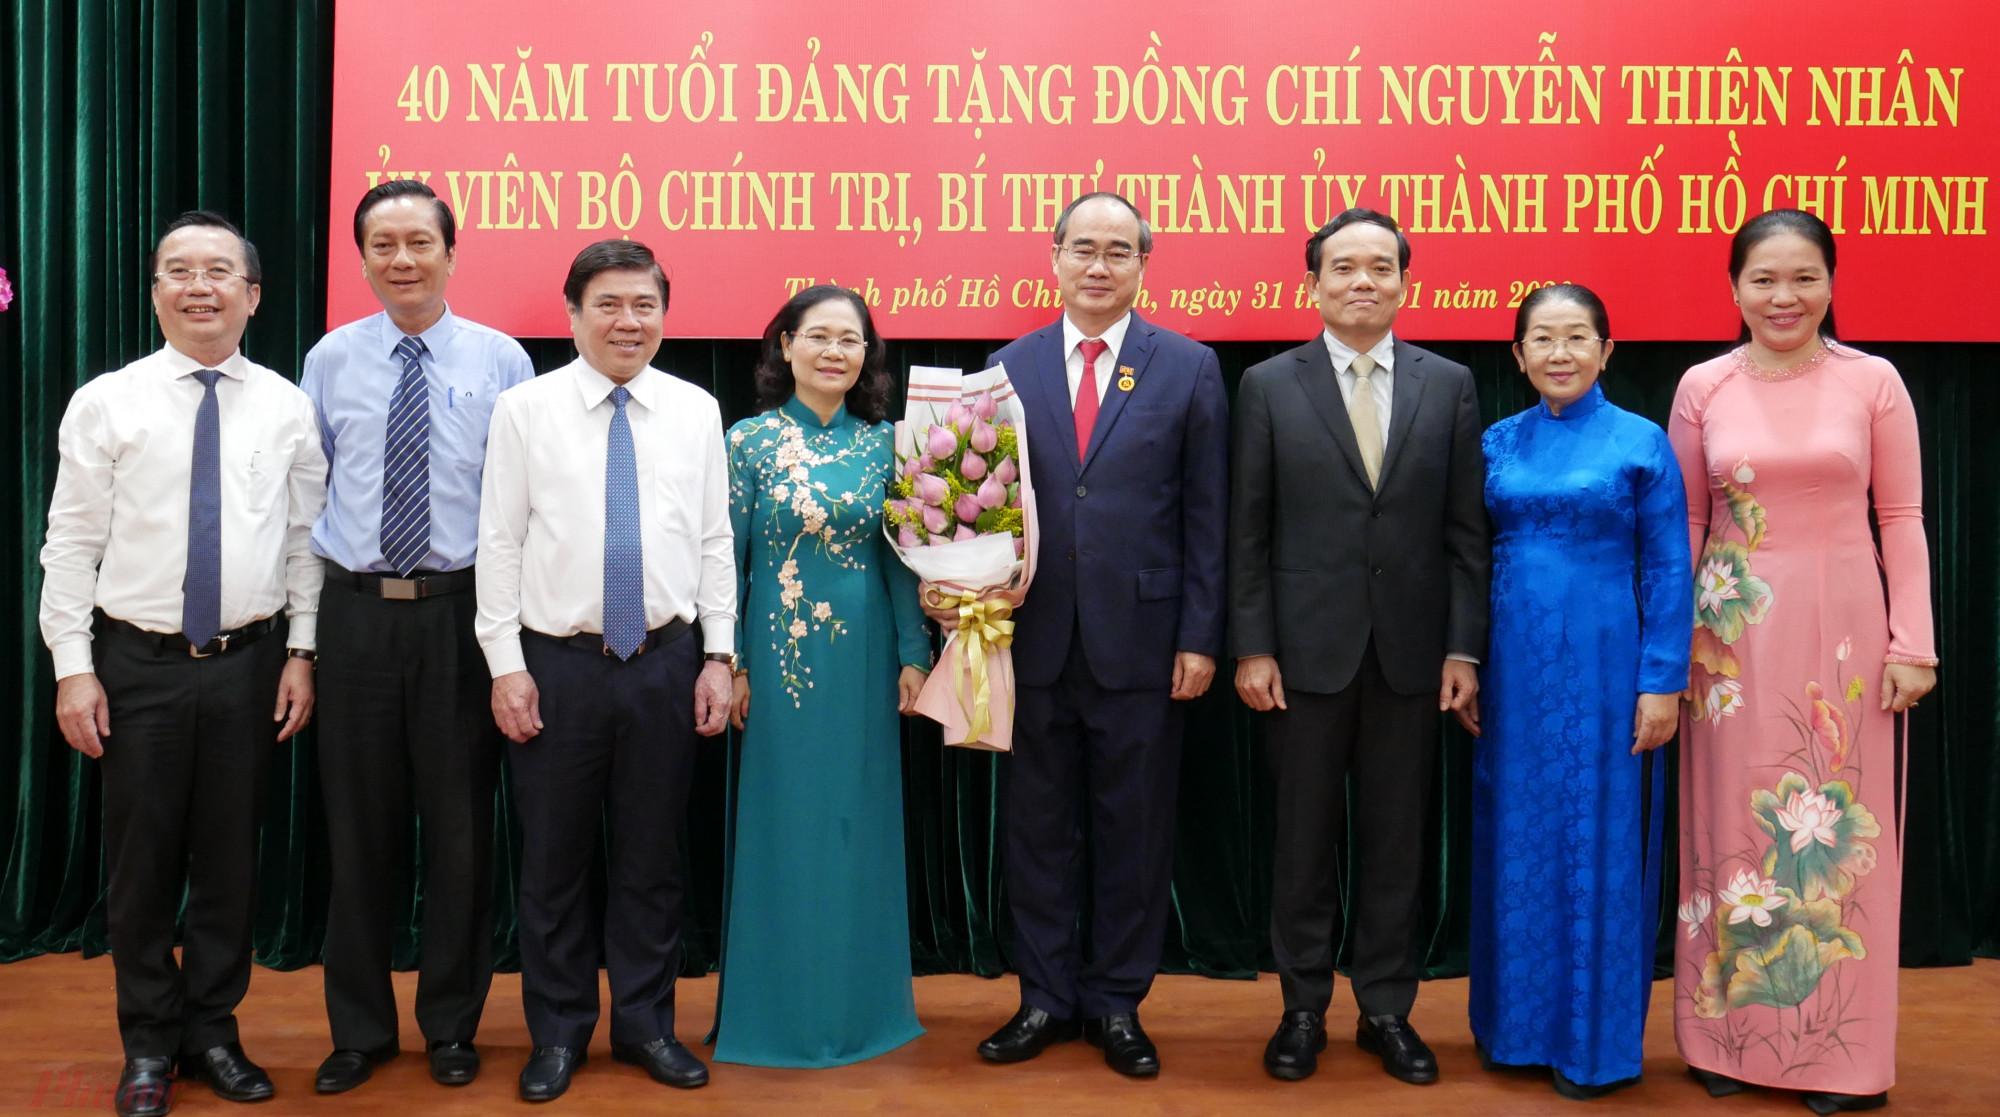 Các đồng chí lãnh đạo chúc mừng Bí thư Thành ủy nhận huy hiệu 40 năm tuổi Đảng.